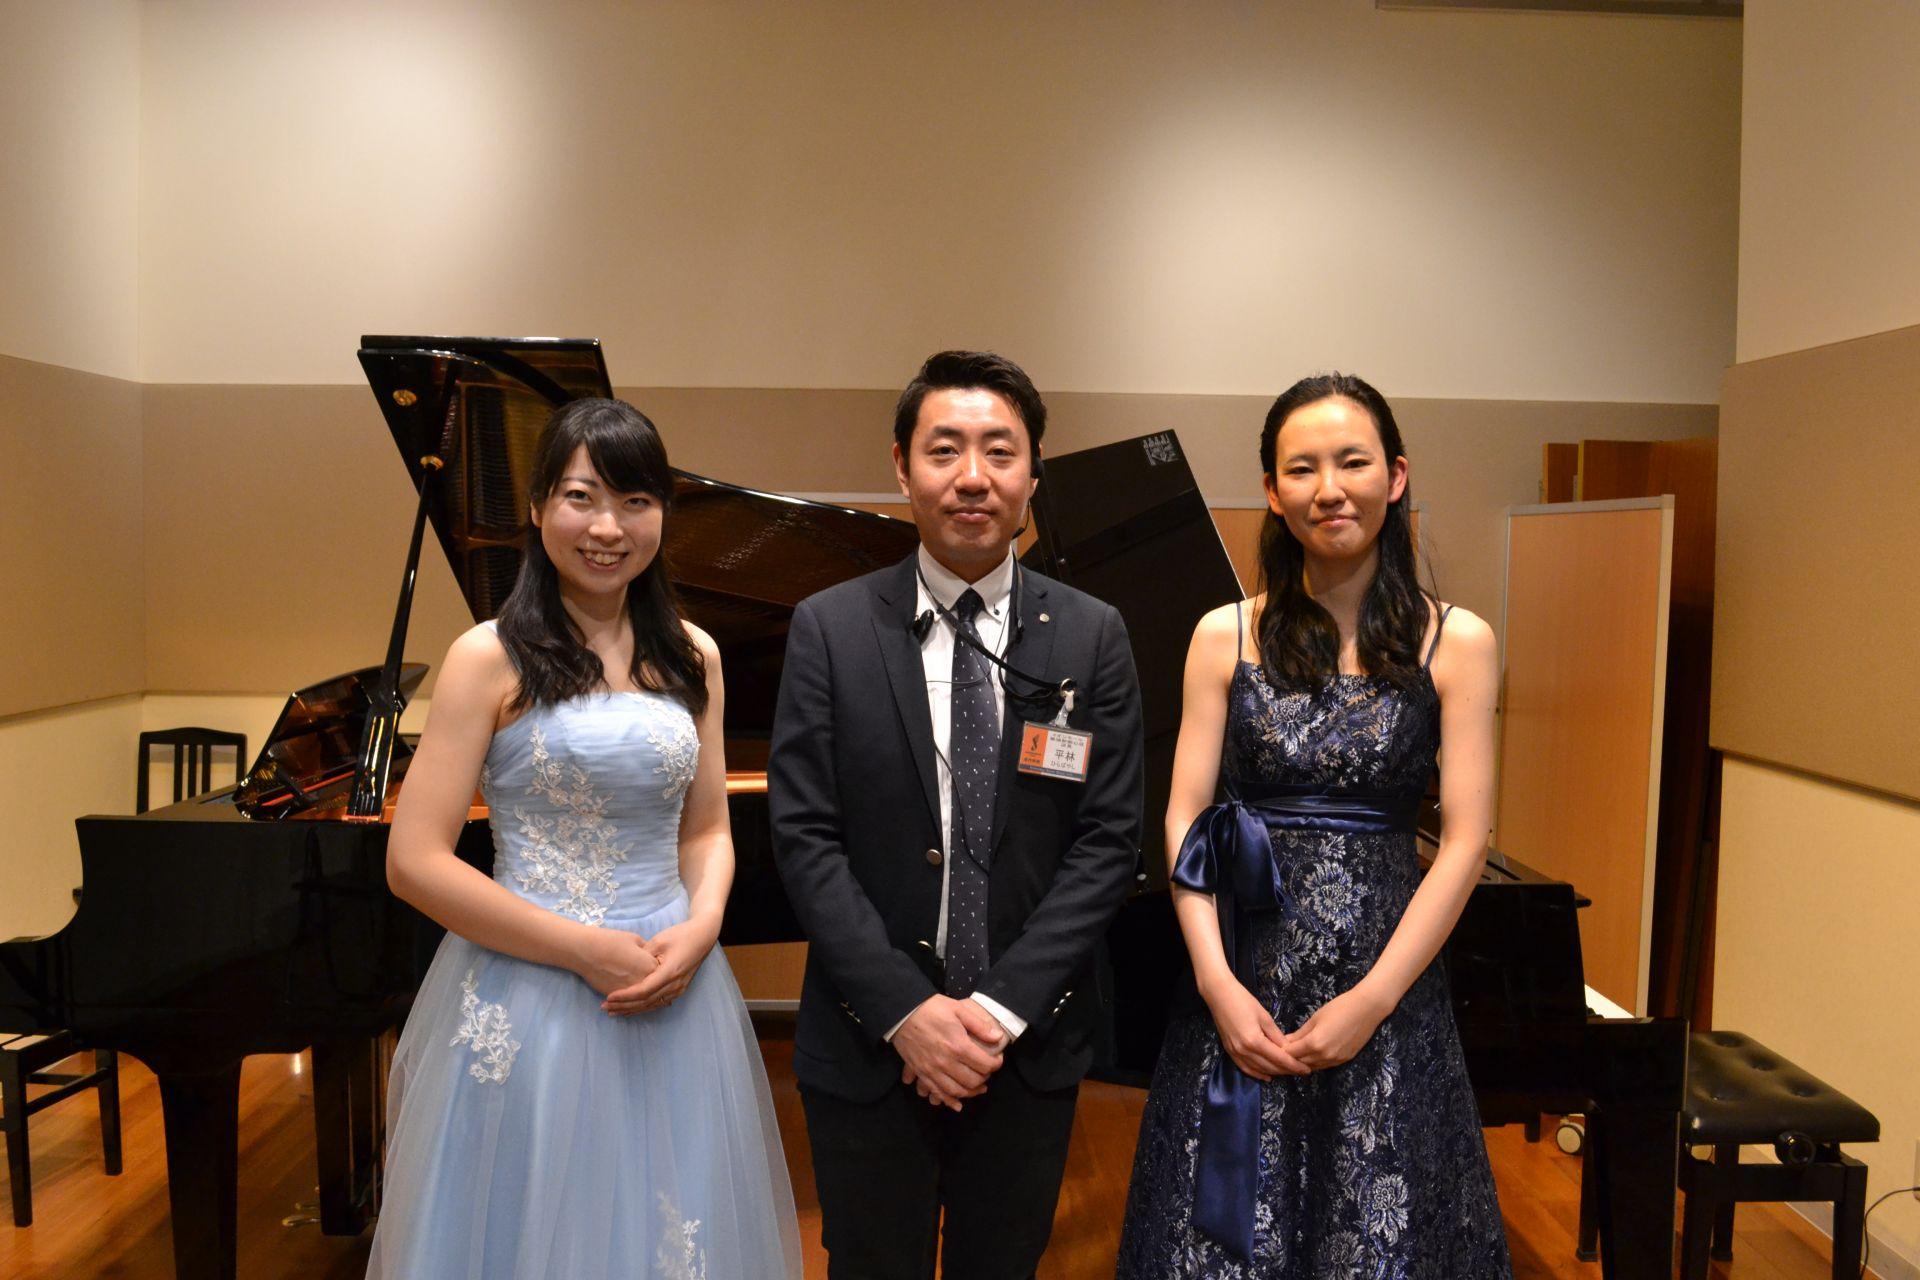 島村楽器 豊かな心を育む ピアノコンサート 野坂